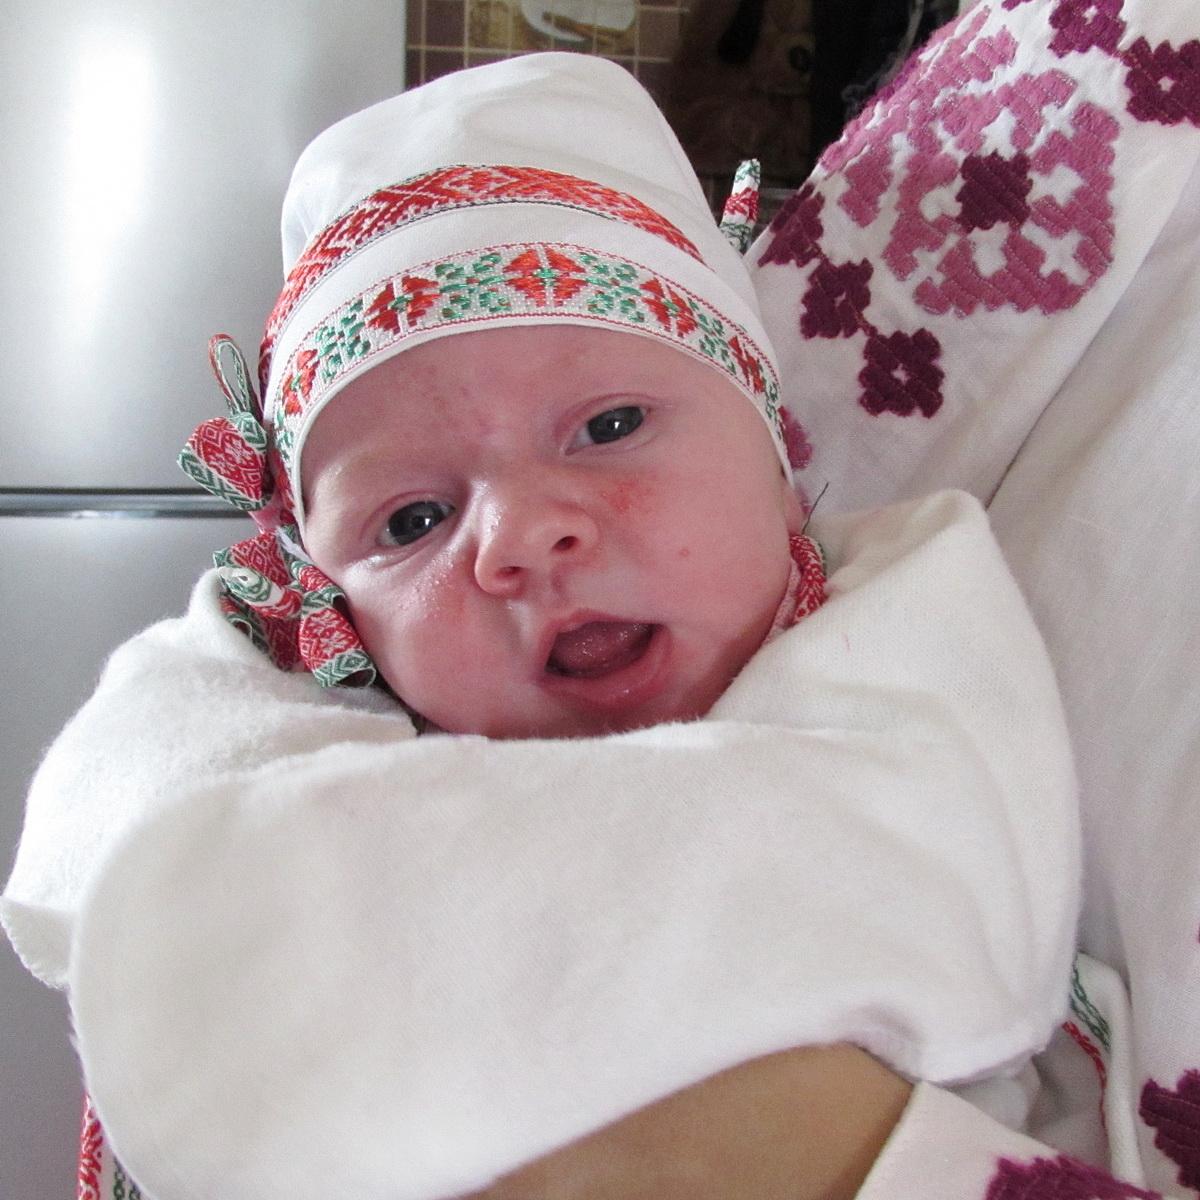 Новорожденным в Бобруйском районе дарят вышиванки